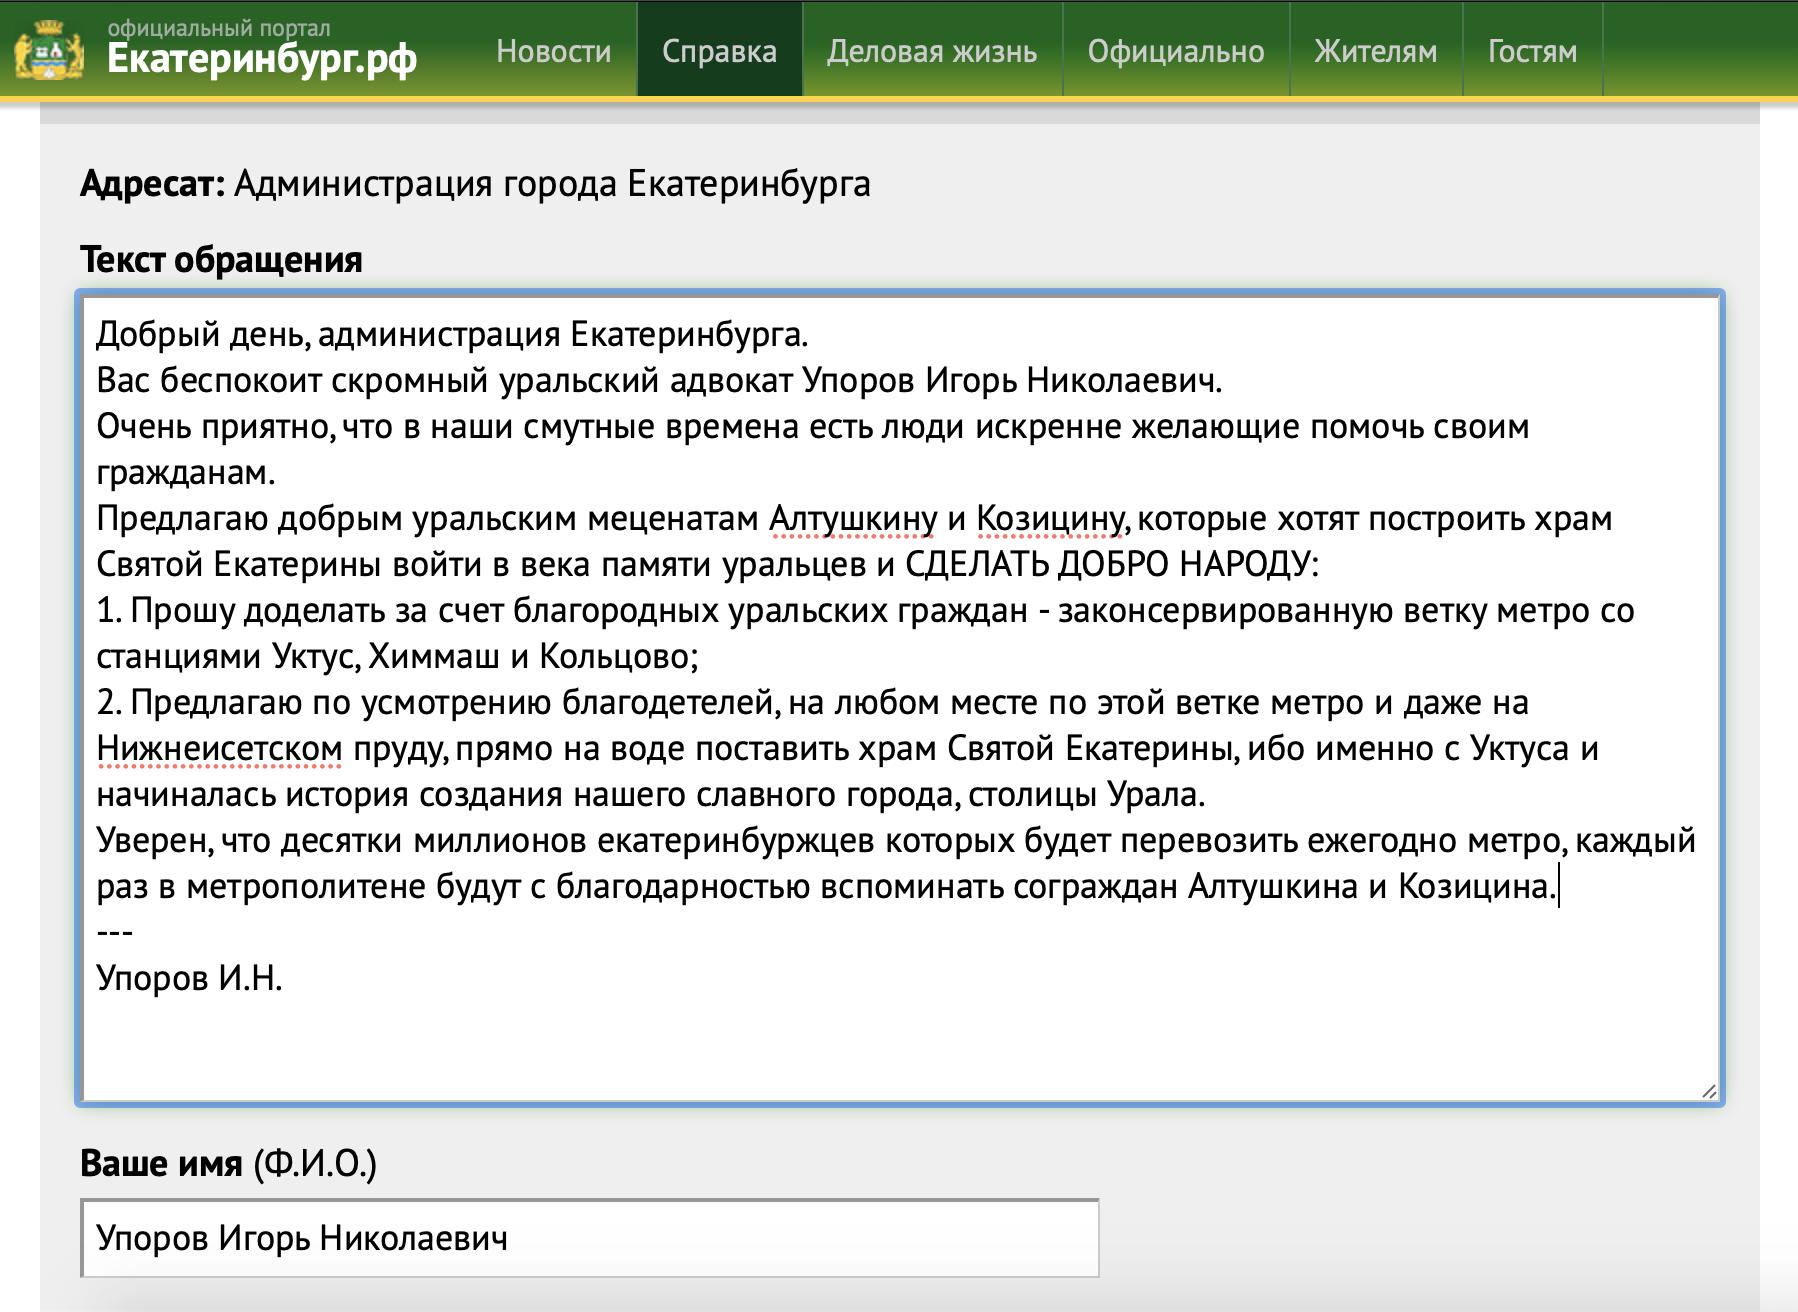 Адвокат - Алтушкину и Козицину, достроить метро на Уктус и построить храм на воде - на Нижнеисетском пруду!